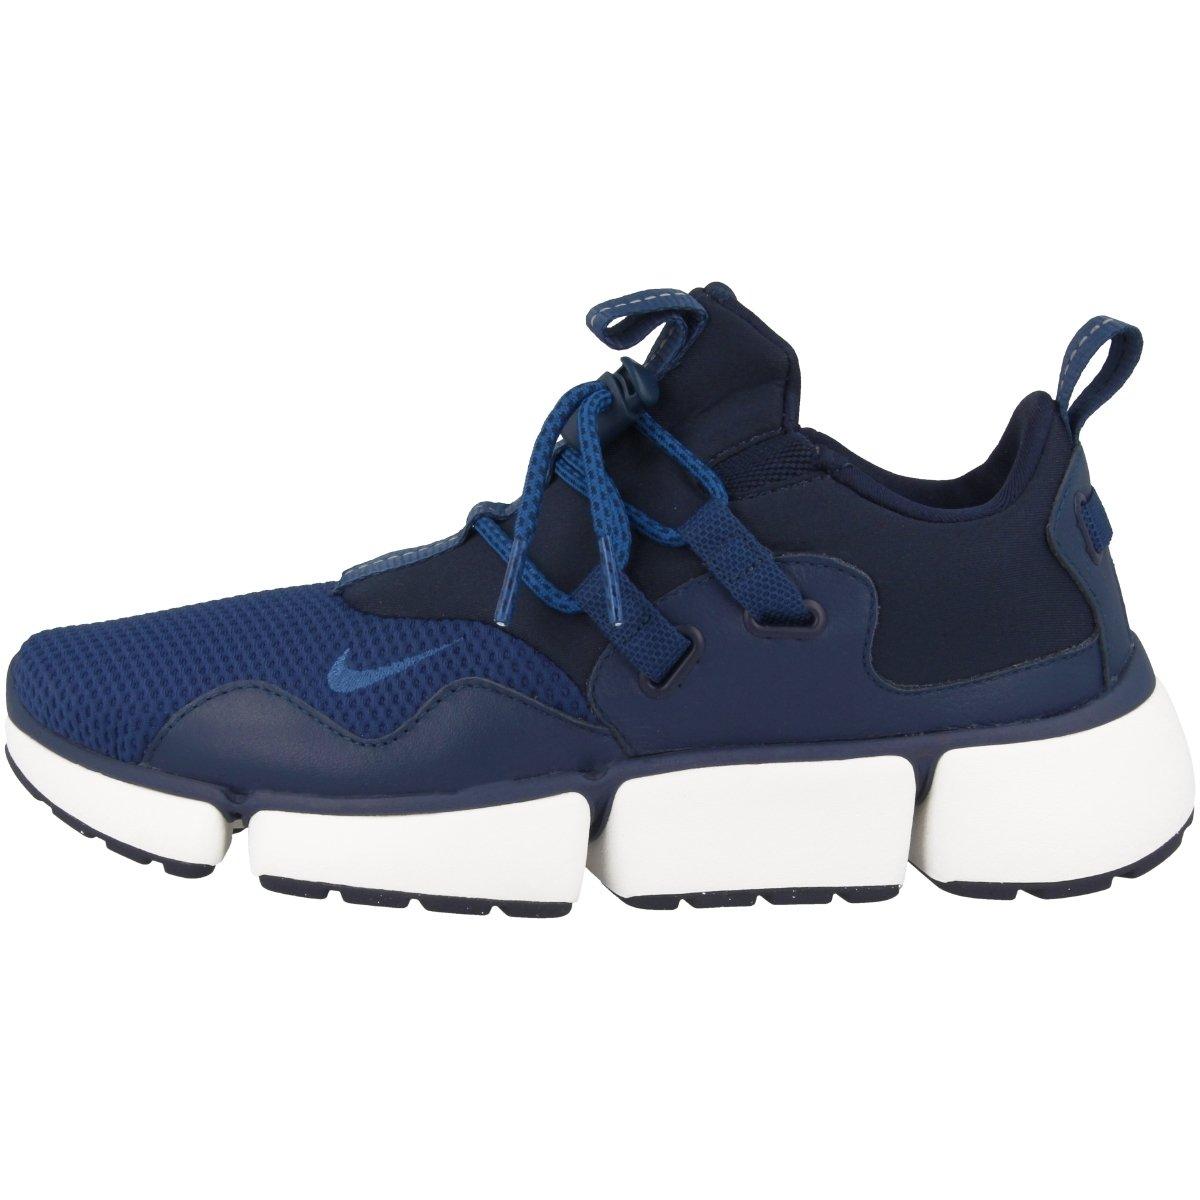 Nike Zapatillas de Material Sintético Para Hombre 42 EU|obsidian-gym blue-navy-sail (898033-401)